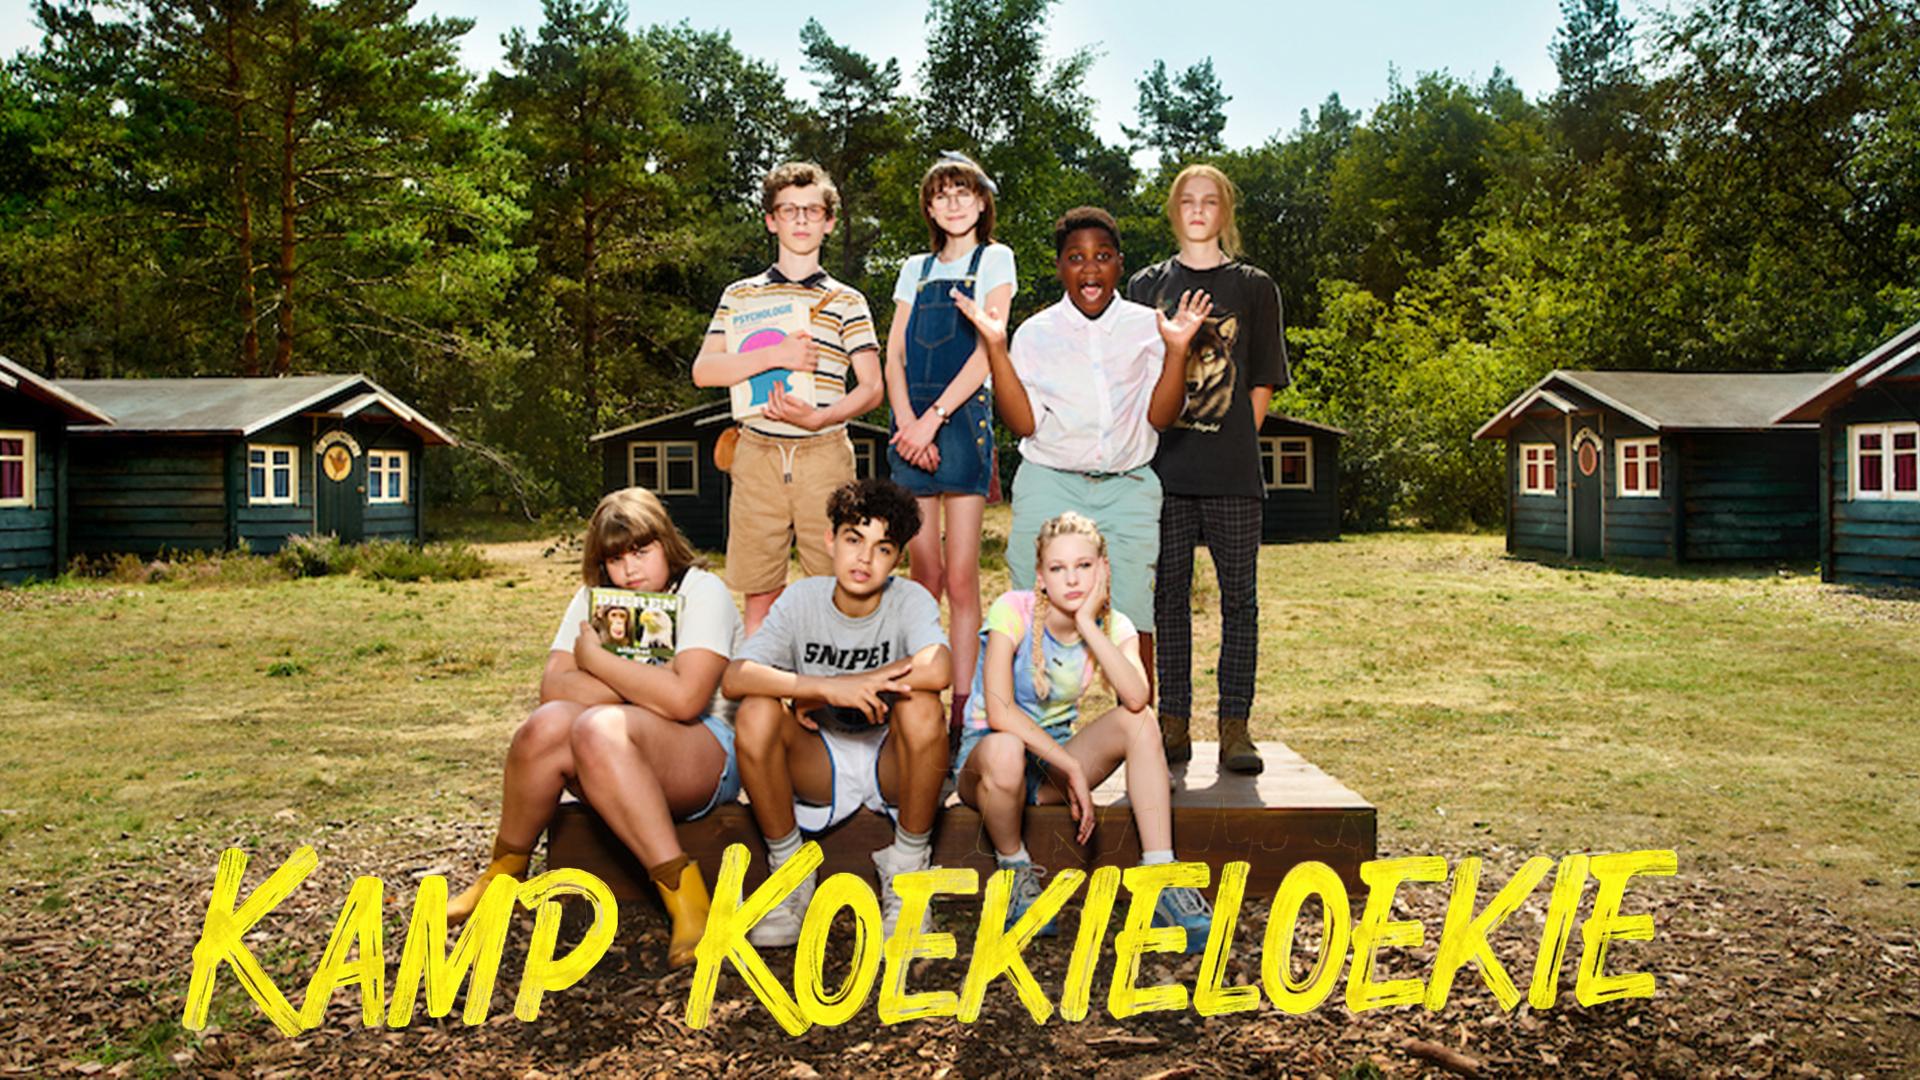 Kamp Koekieloekie. Zeven kinderen staan en zitten in een veld in een bos.